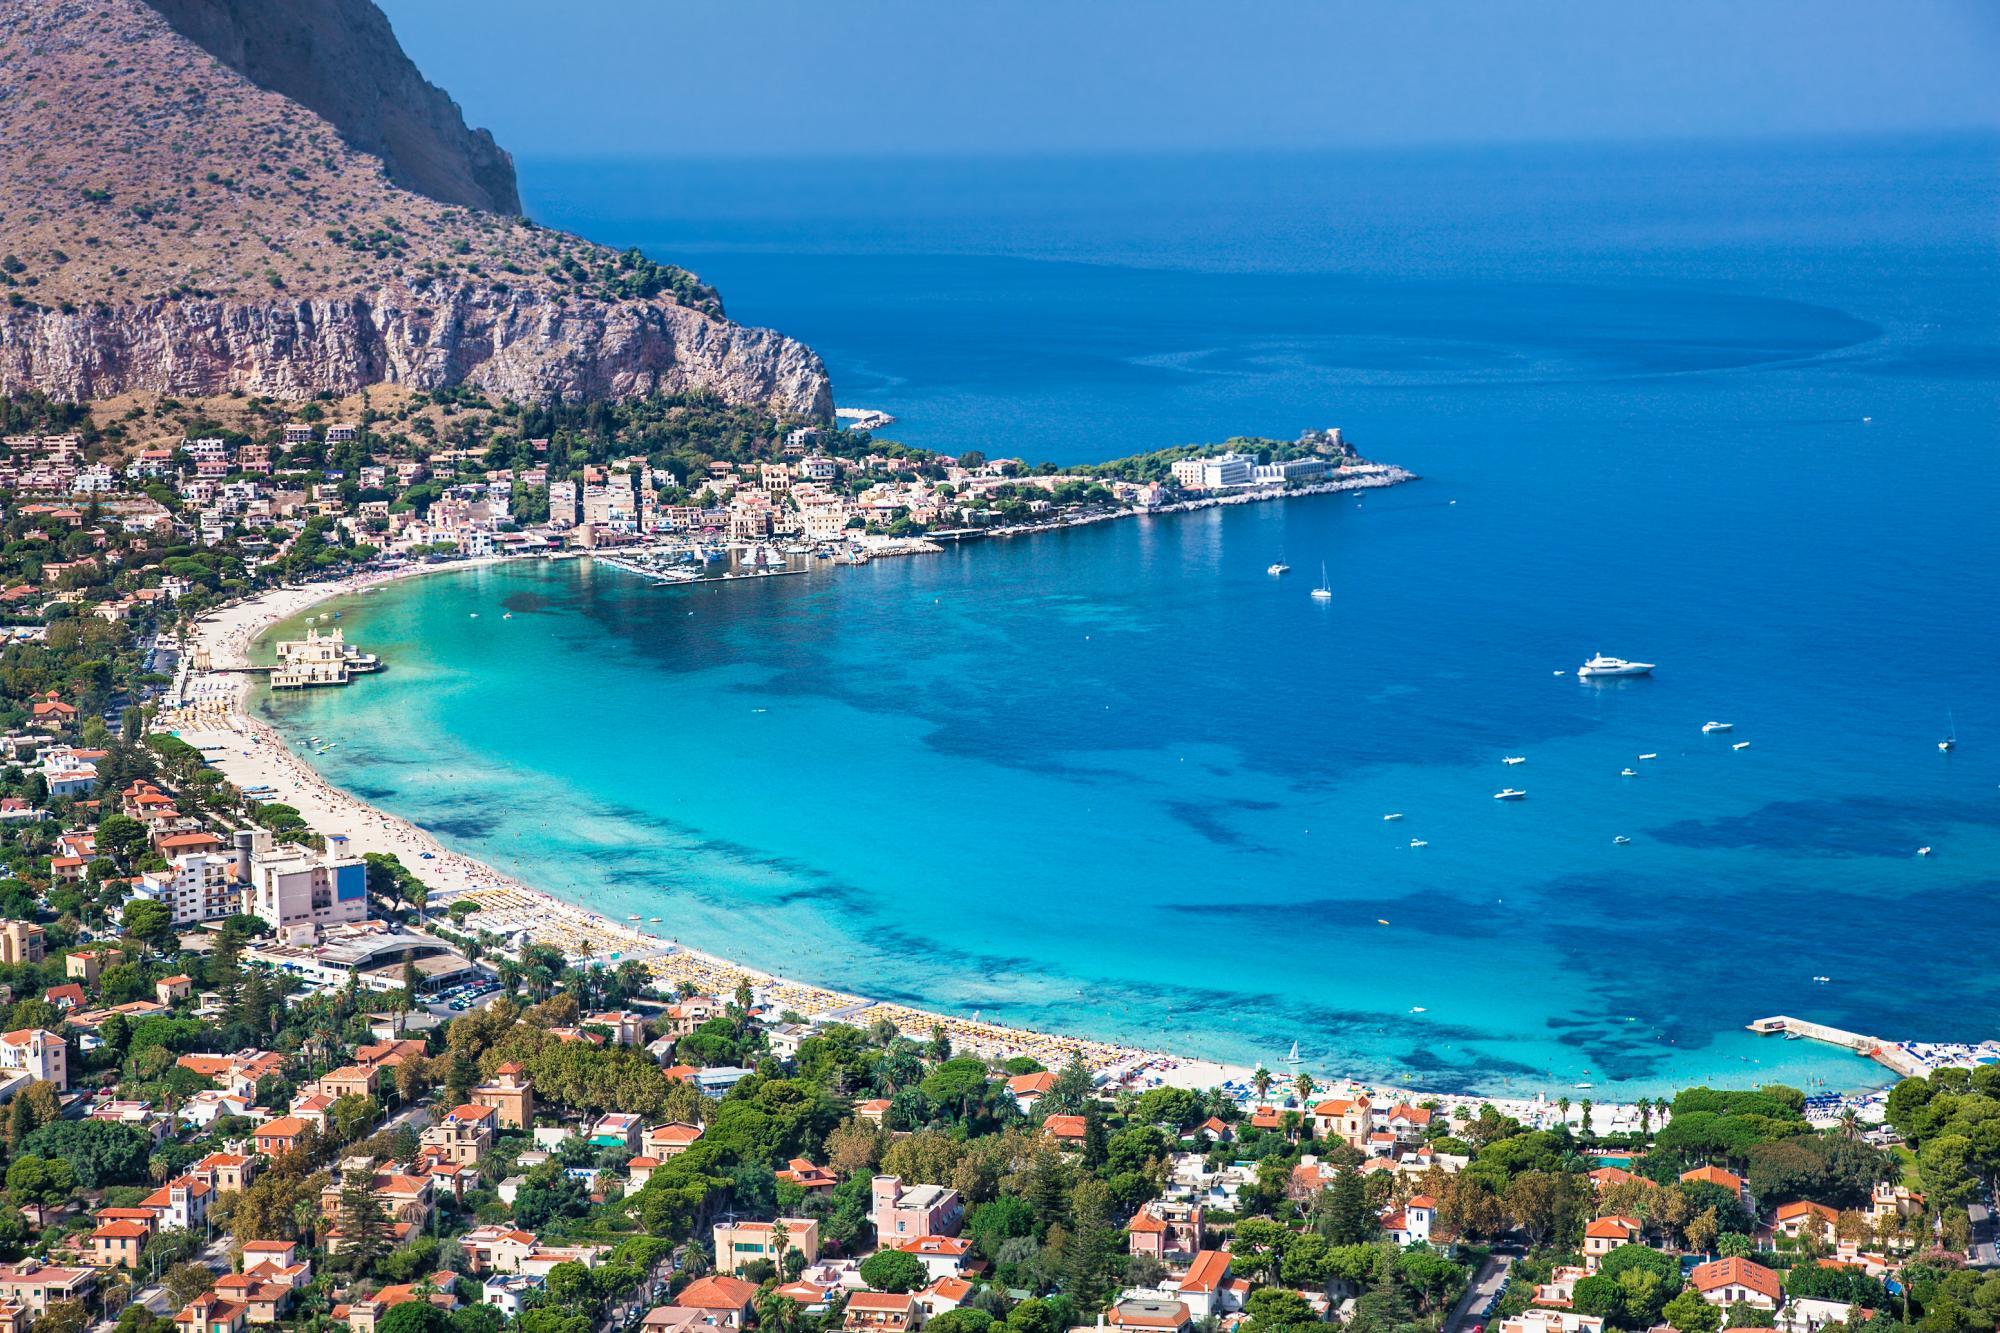 Mondello beach in Sicily